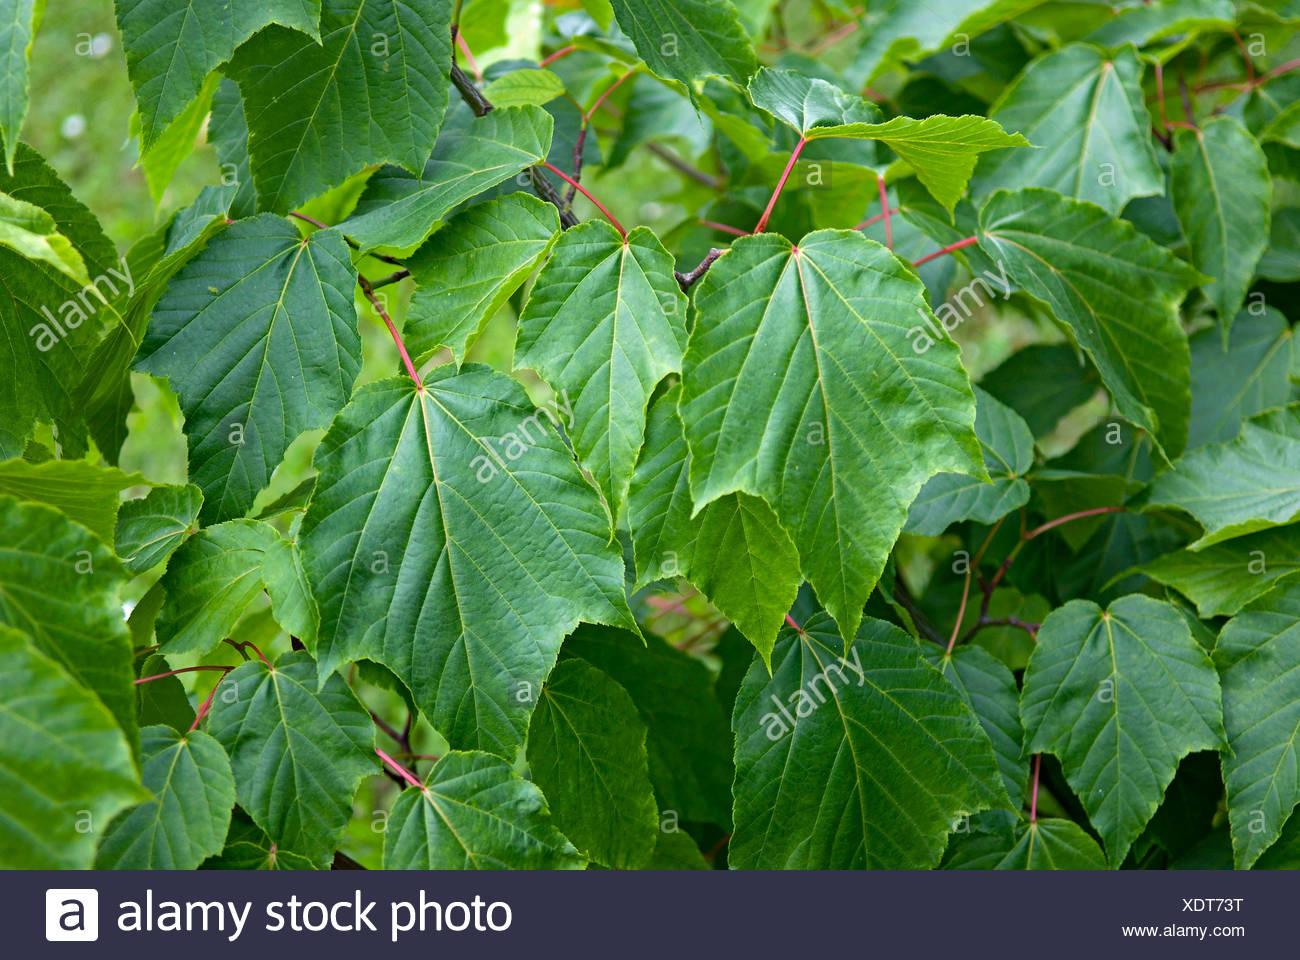 Projektspezifische Rufinerve (Acer Rufinerve), Zweig mit Blättern, Deutschland Stockbild